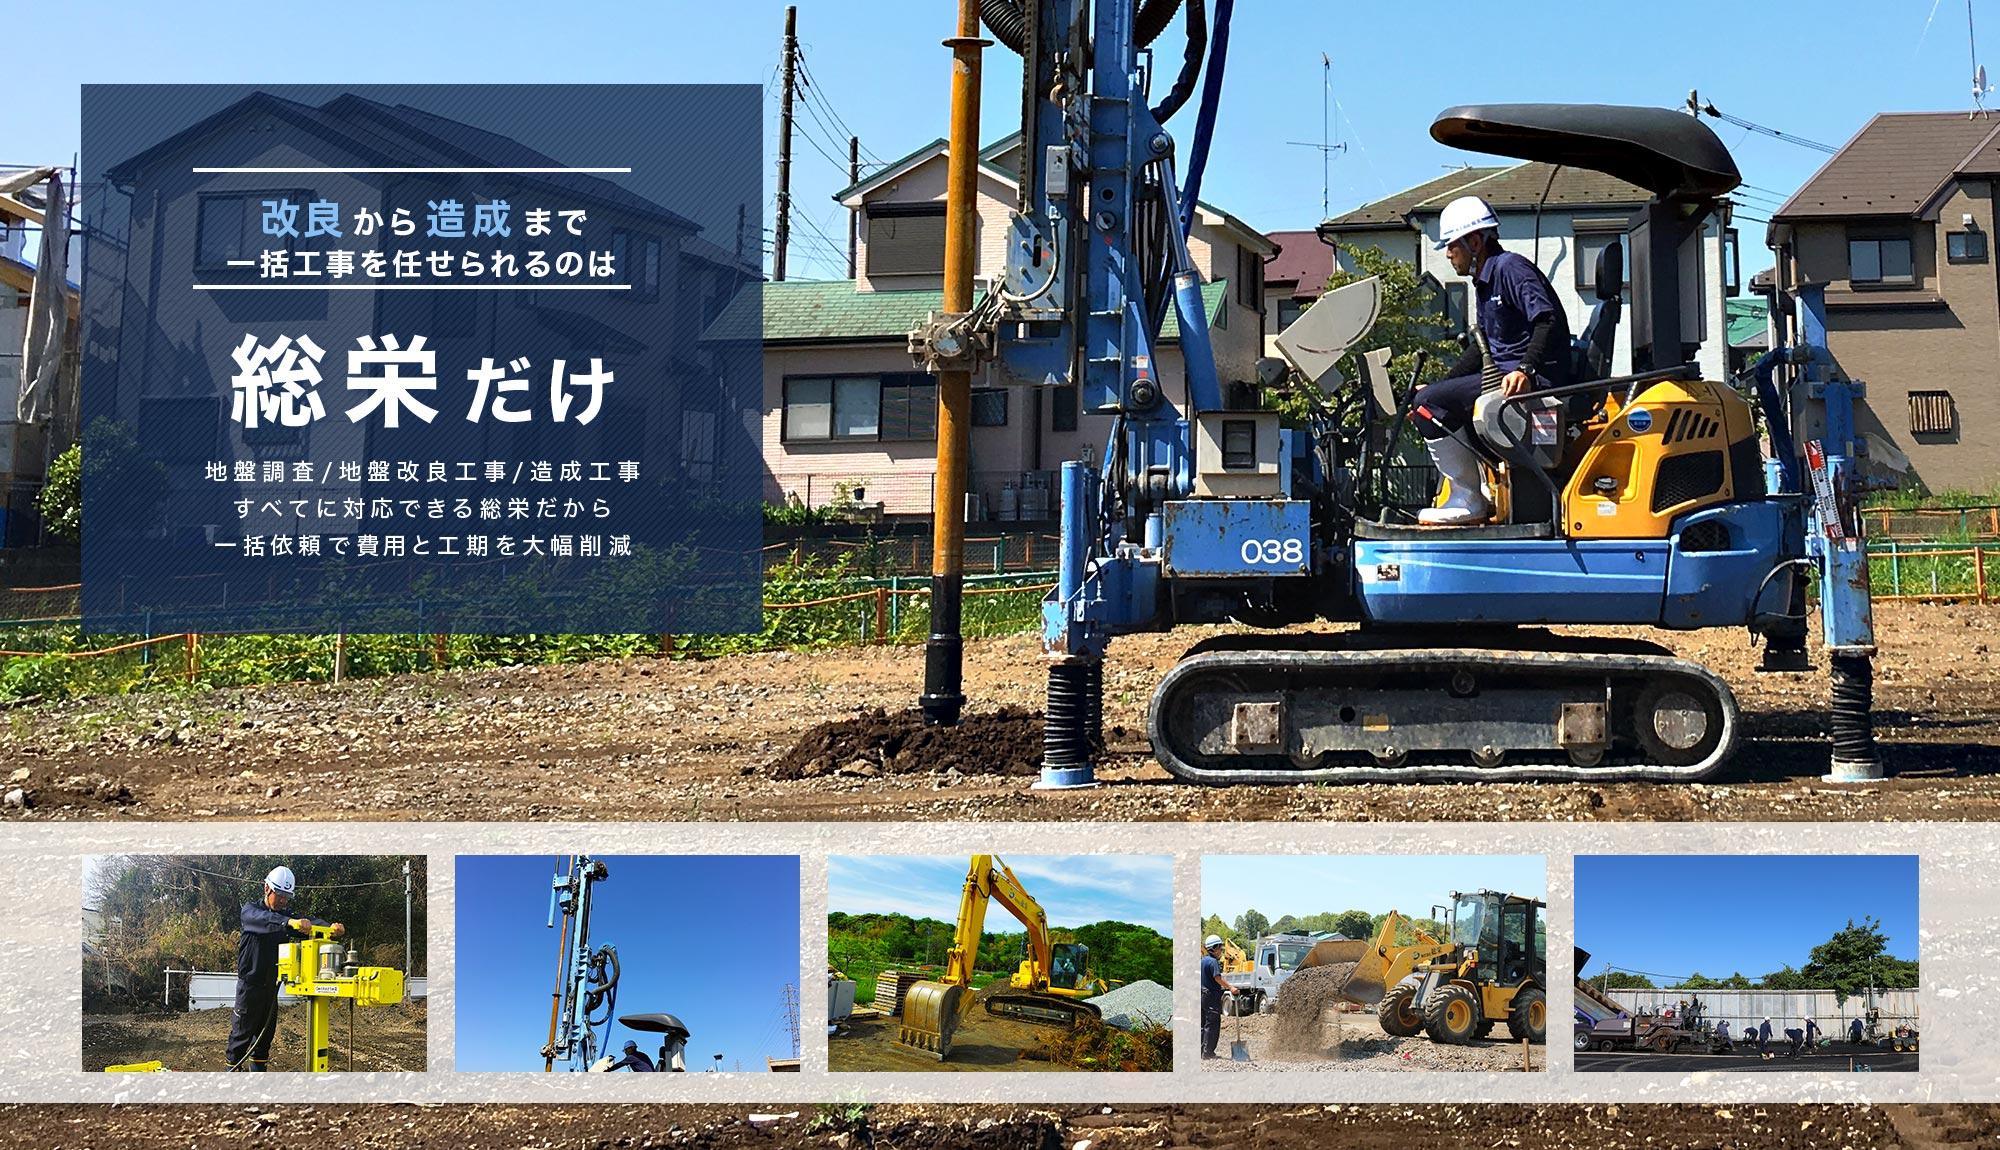 湘南の宅地分譲(造成・開発・給排水・舗装) 株式会社総栄